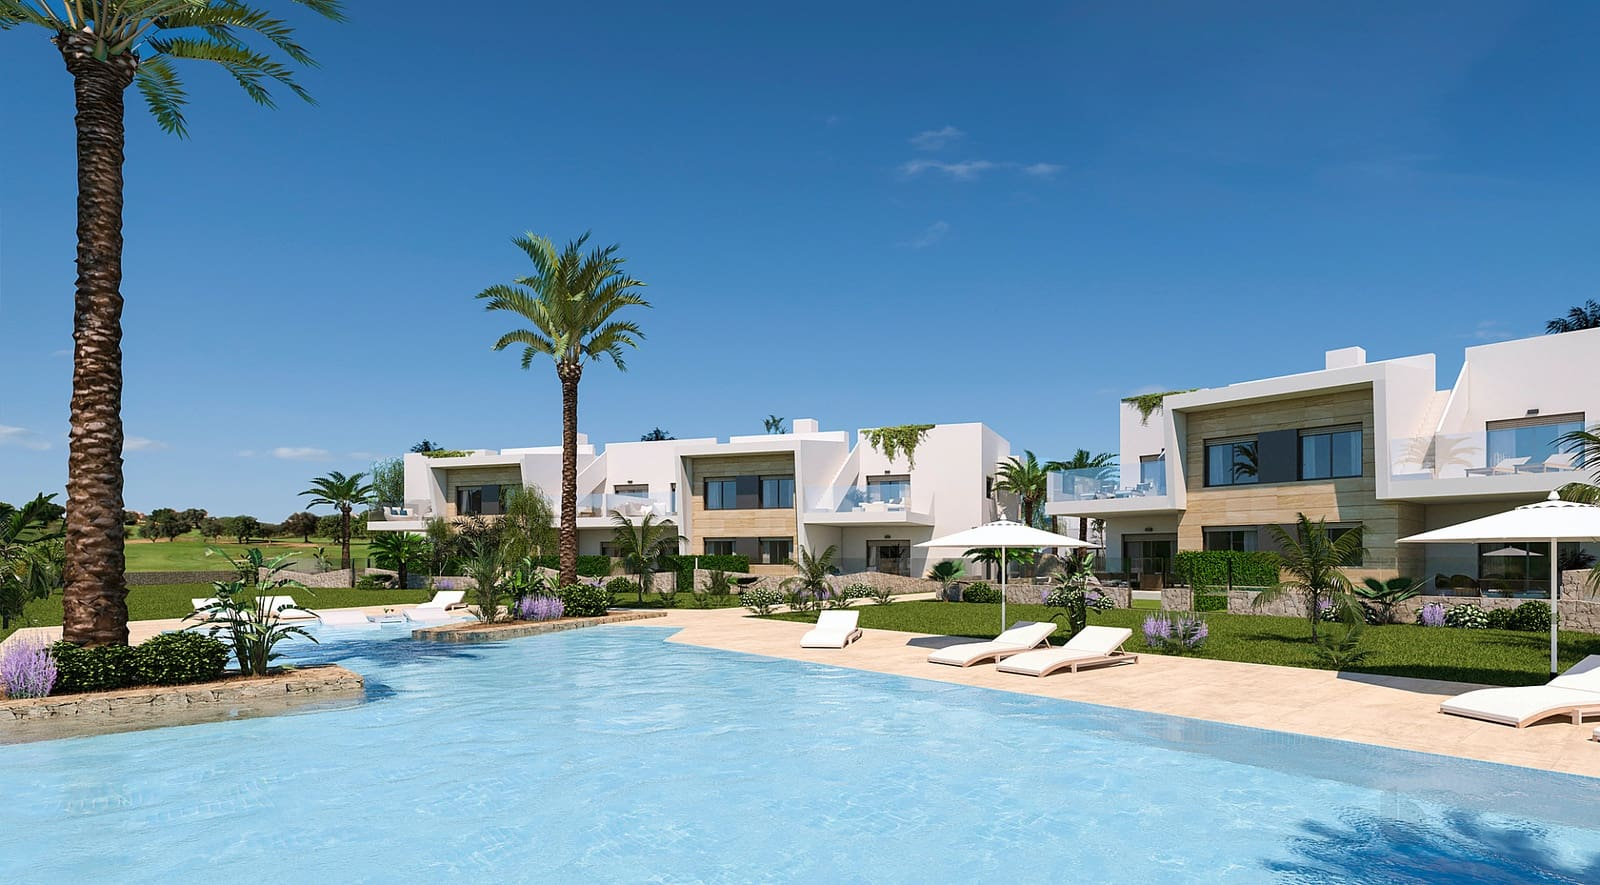 Apartamento de 3 habitaciones en Pilar de la Horadada en venta - 189.900 € (Ref: 2474077)